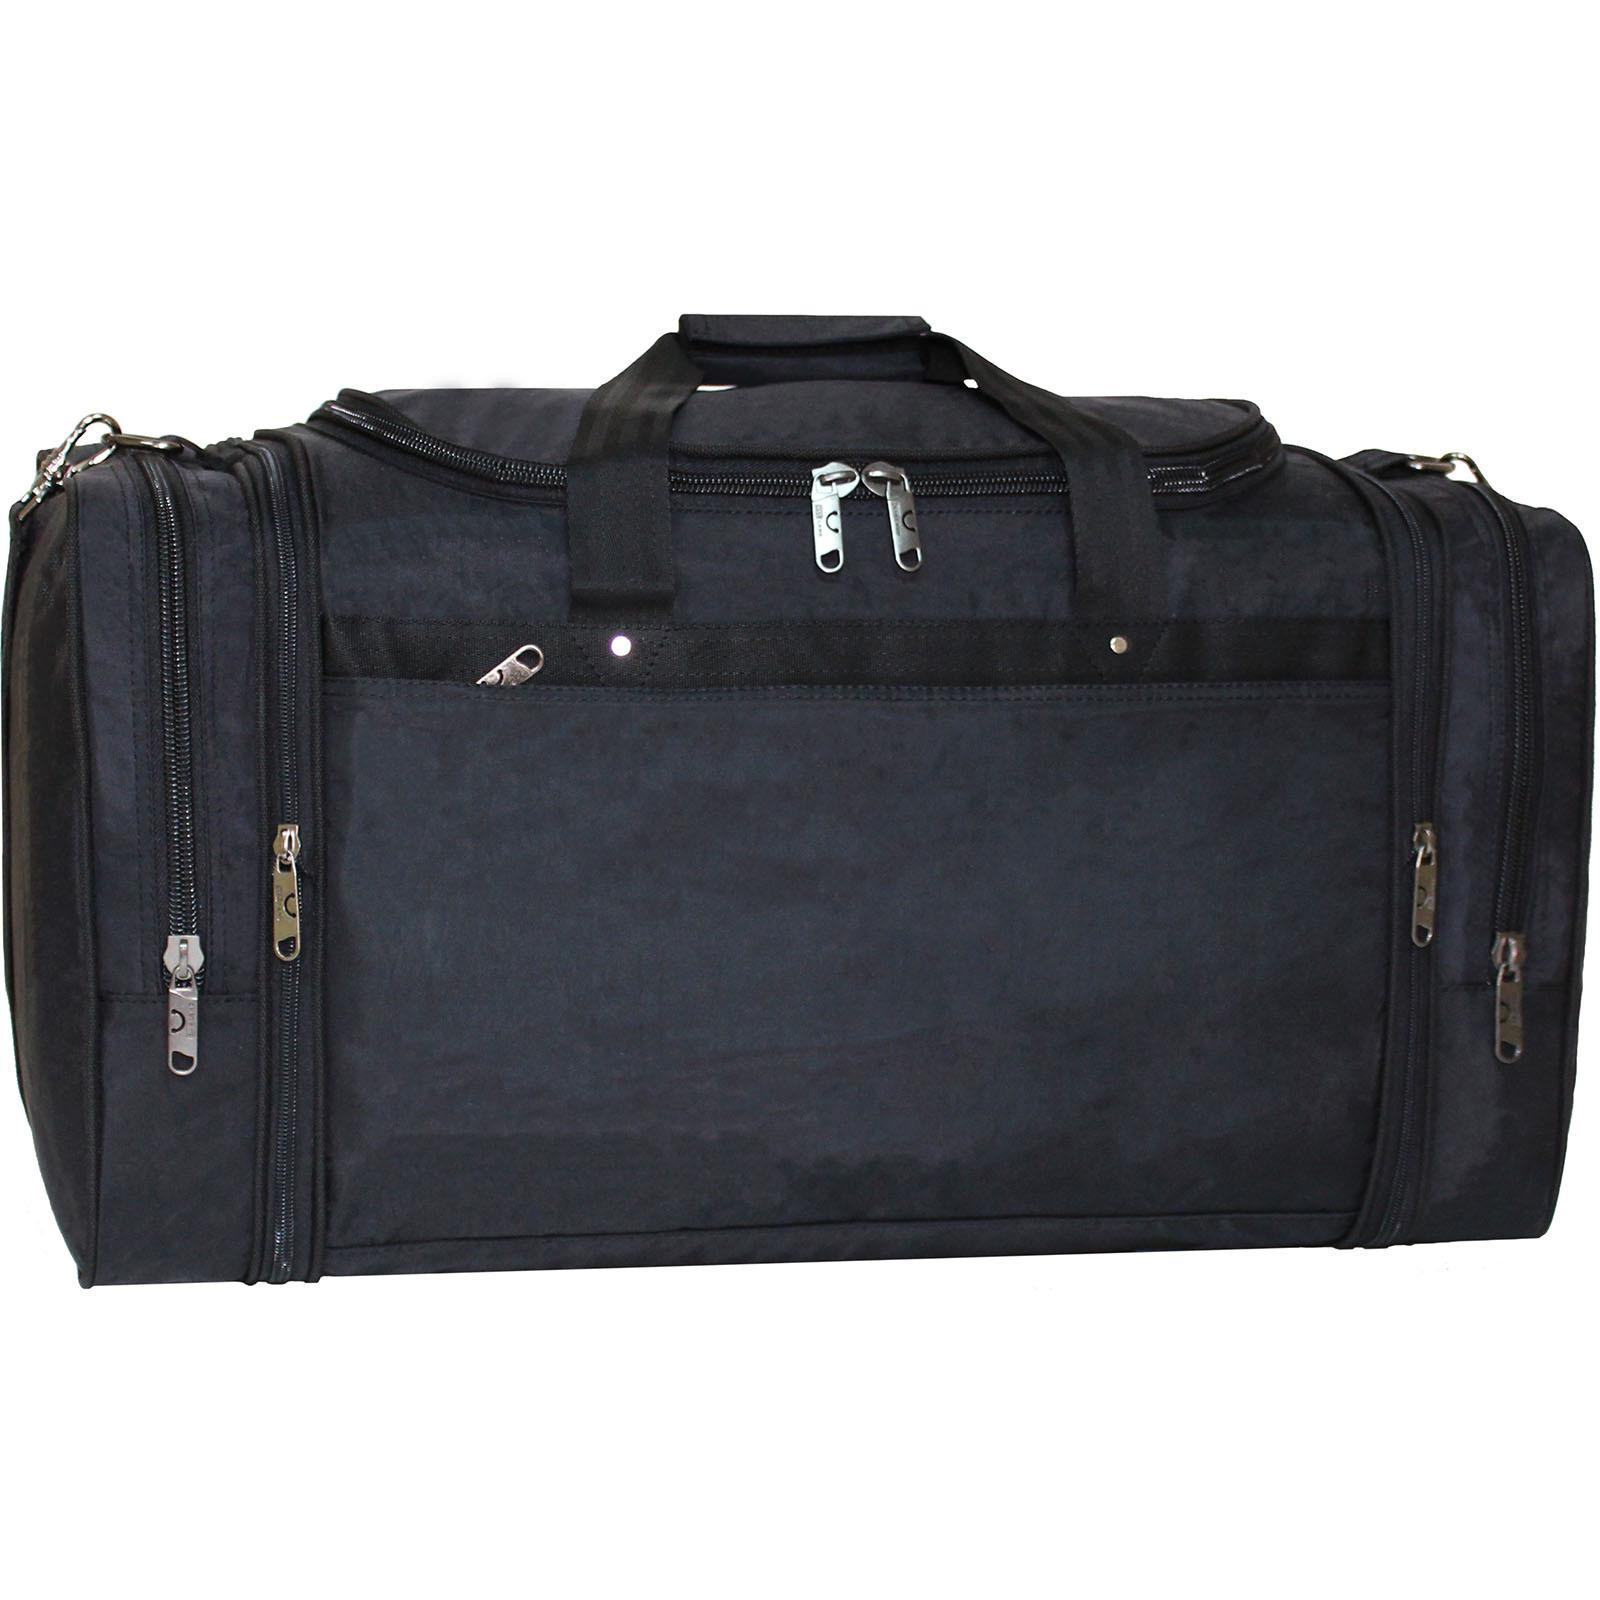 Дорожные сумки Спортивная сумка Bagland Мюнхен 59 л. Черный (0032570) IMG_1450_32570_.JPG